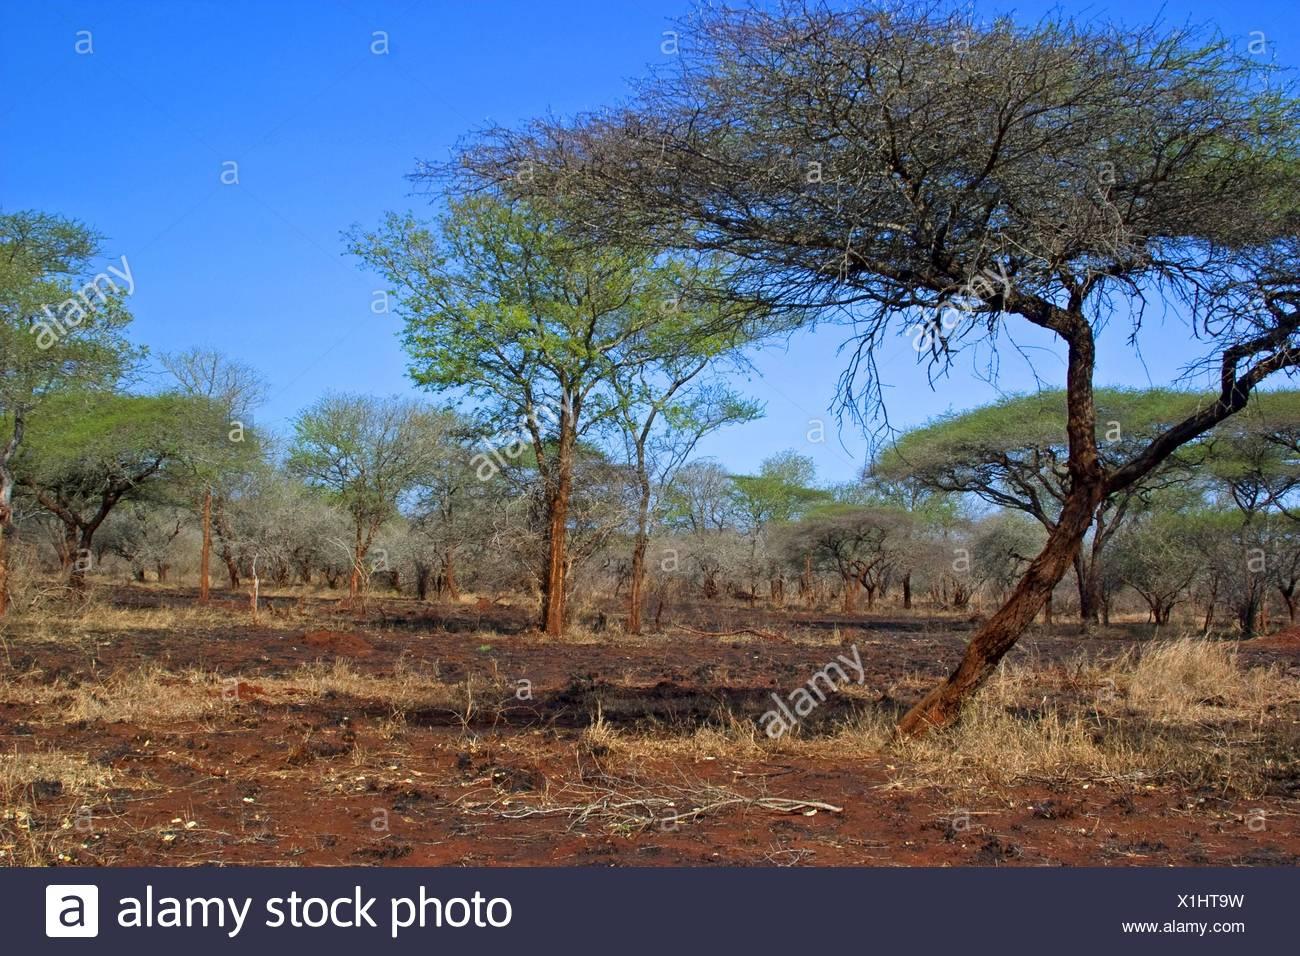 Burned Acacia bushveld, South Africa, Kwazulu-Natal, Ndumo Game Reserve - Stock Image